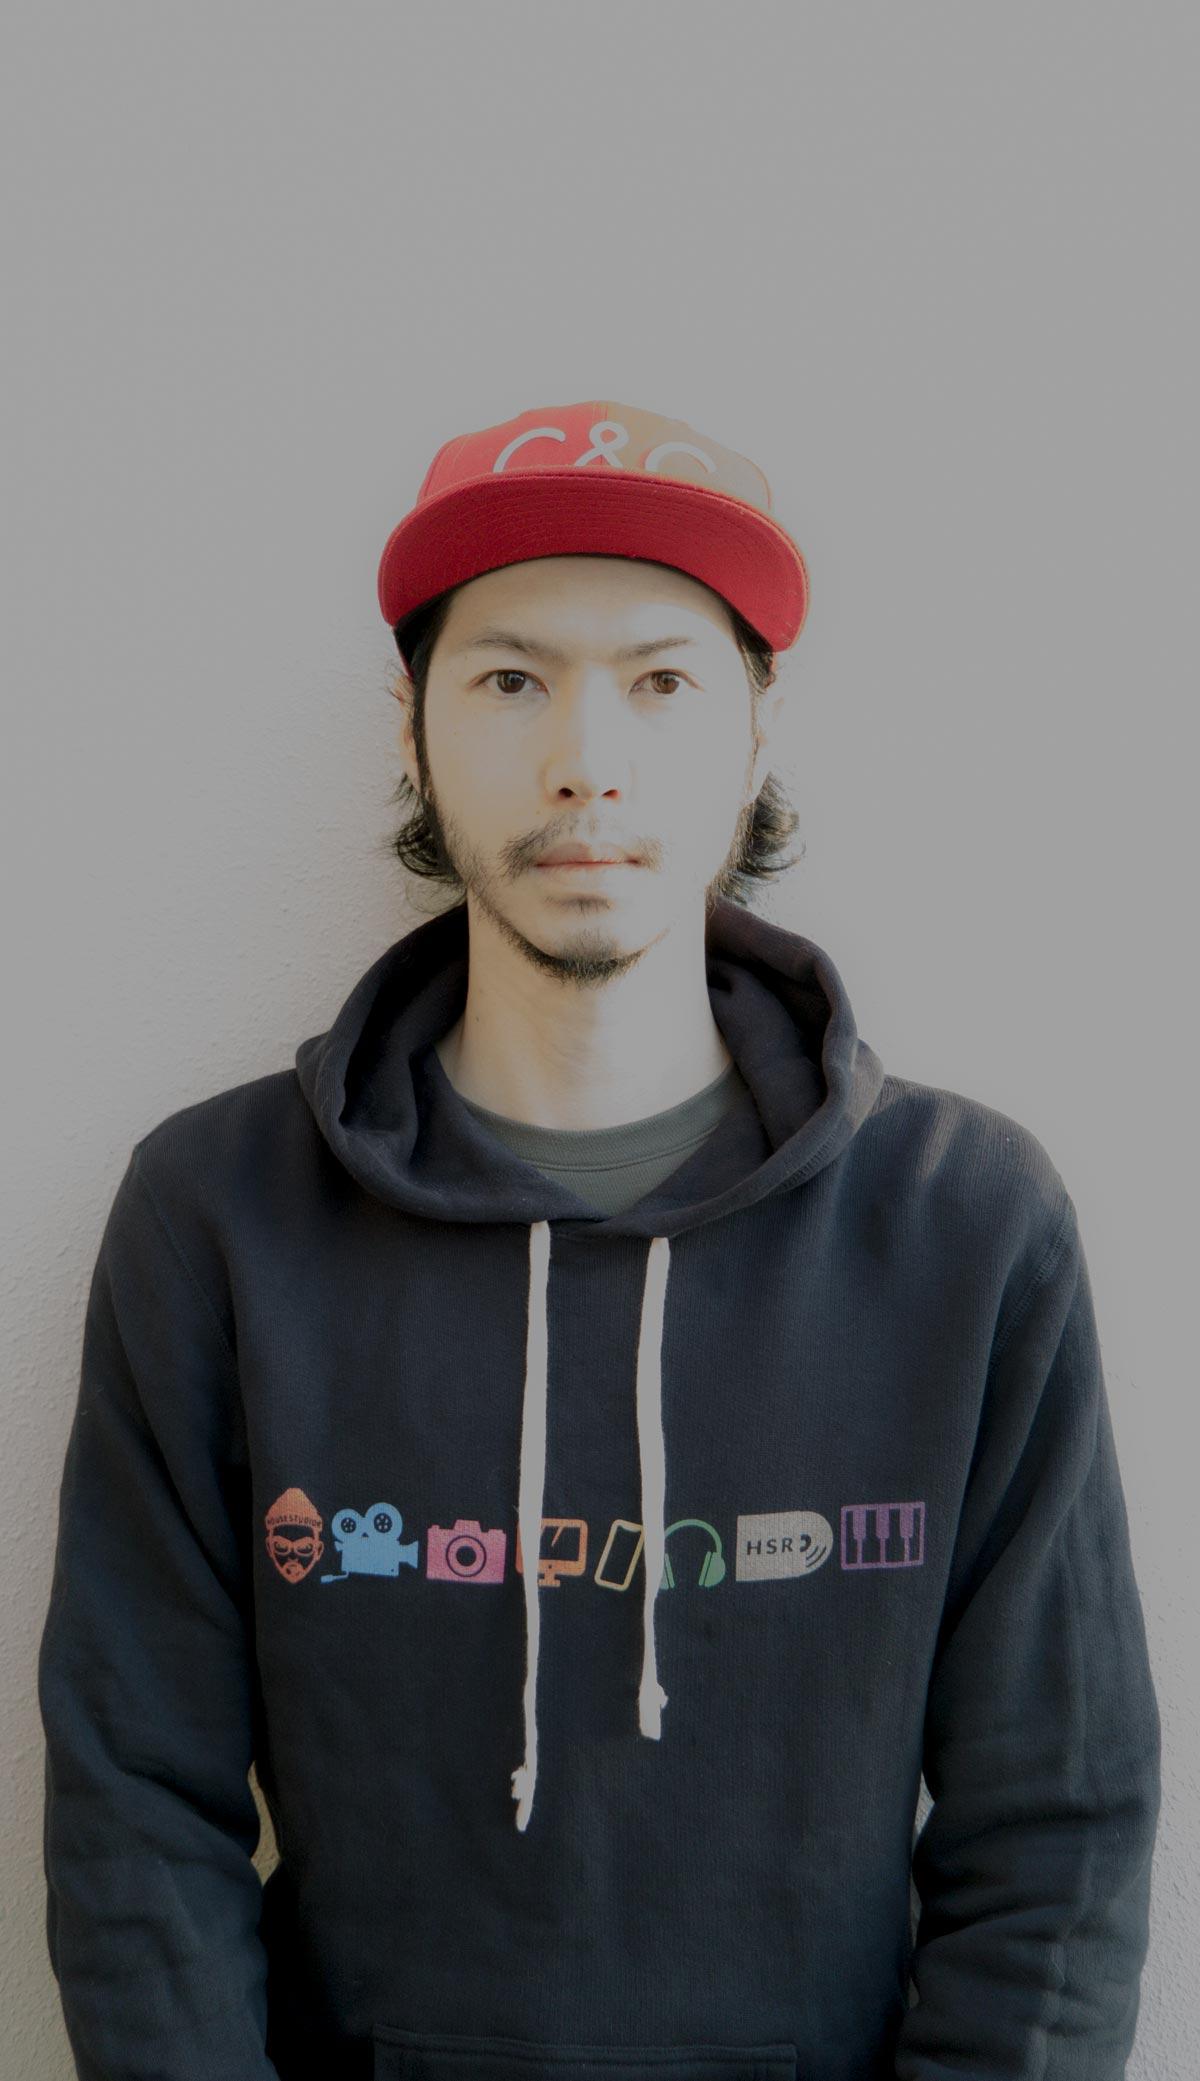 福岡のマルチクリエイター・デザイナーのヒガシユウキ自画像